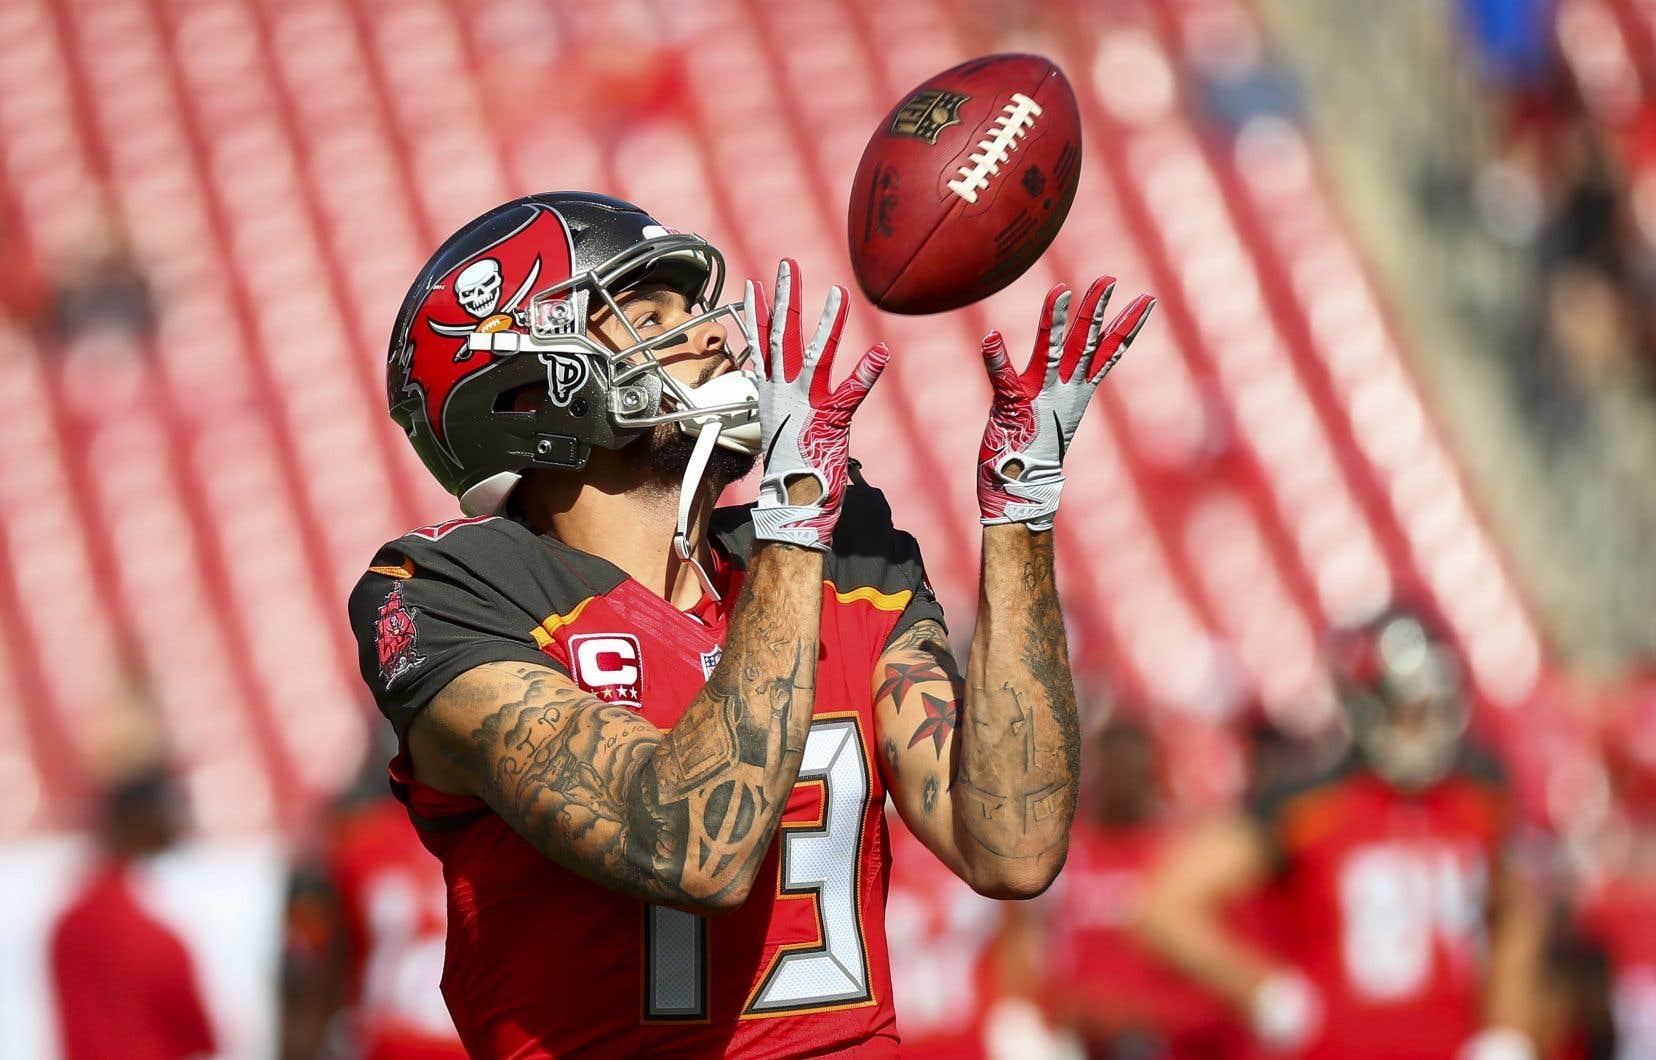 L'artiste Gotti Flores a donné l'autorisation pour la reproduction dans le jeu NFL de ses œuvres sur les bras du joueur Mike Evans.